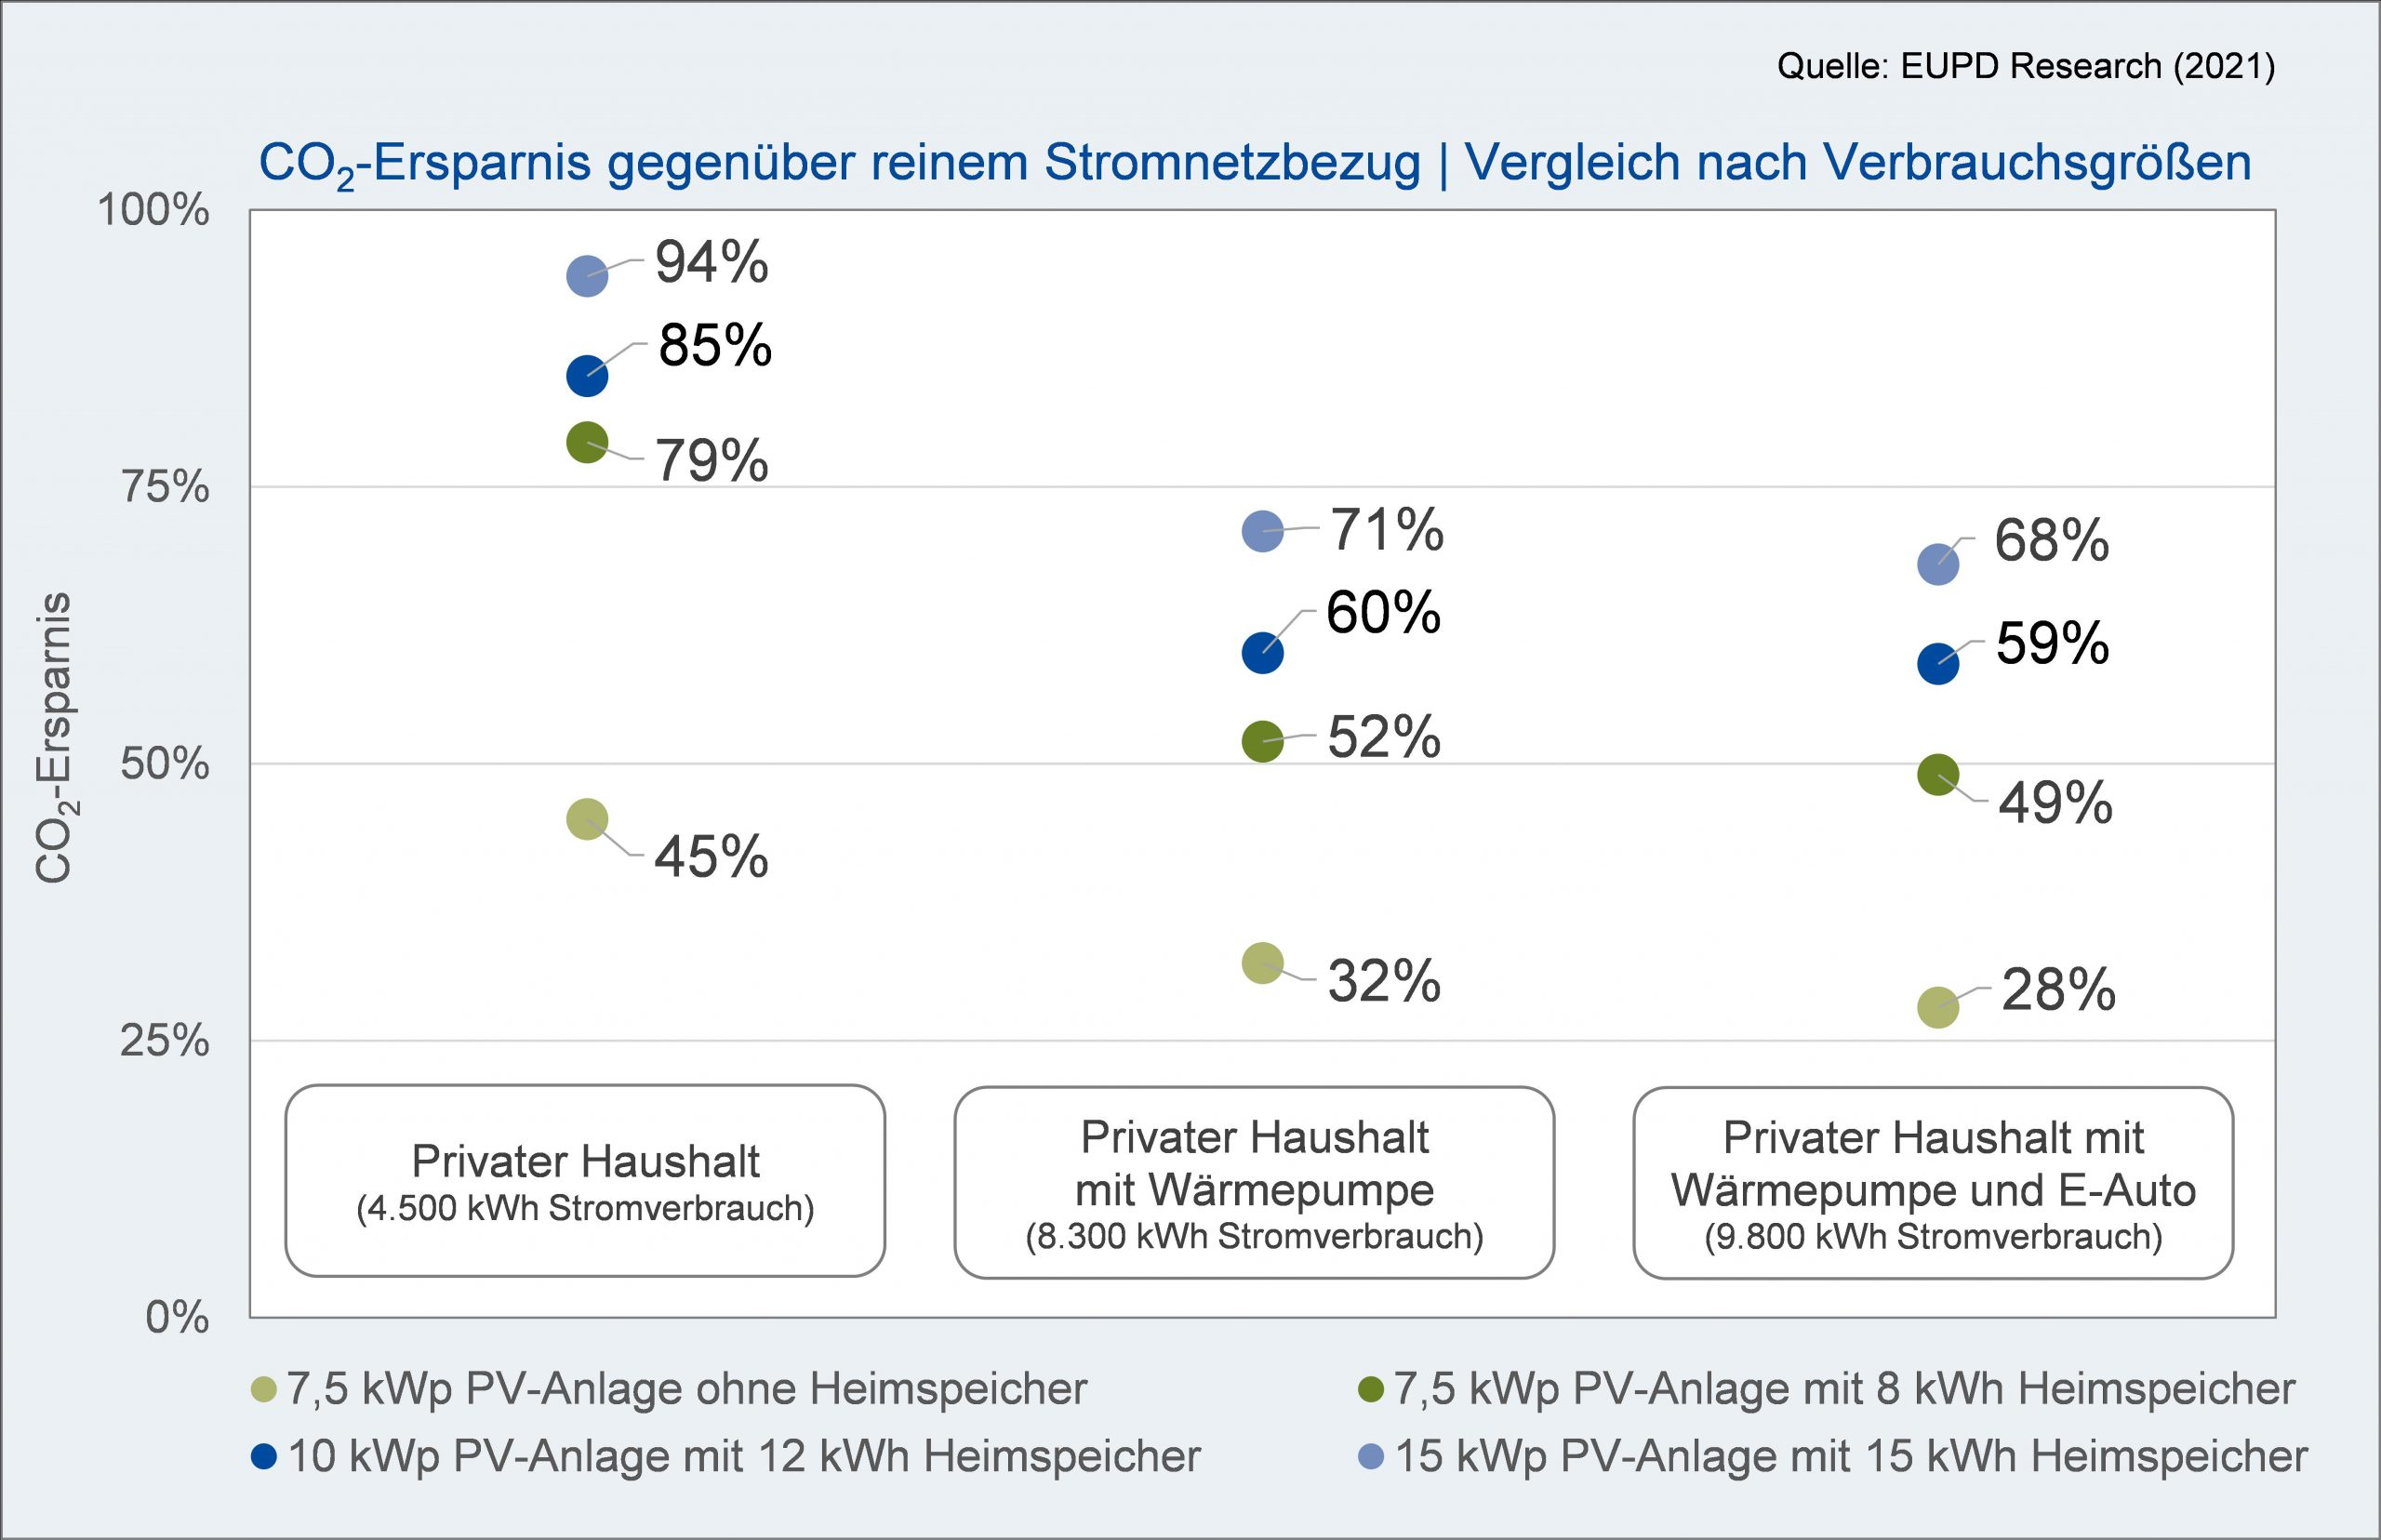 CO2-Ersparnis gegenüber reinem Stromnetzbezug | Vergleich nach Verbrauchsgrößen